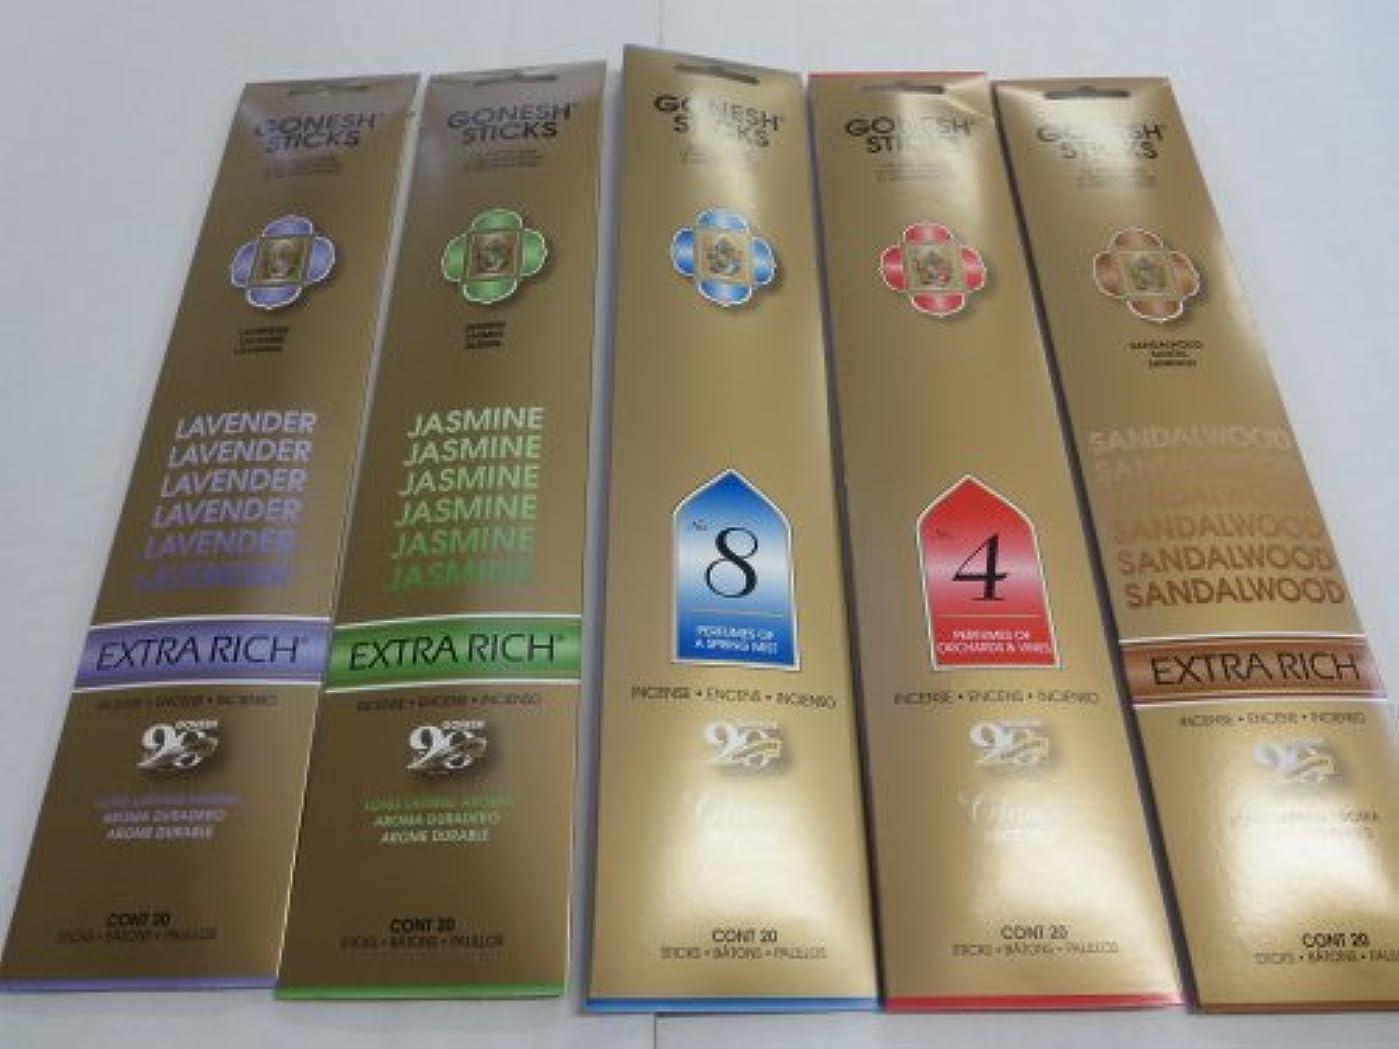 市の中心部著作権月曜日Gonesh Incense Sticks Variety Value Pack (100 Sticks) Lavender/Sandalwood/Jasmine/Spring Mist/Orchard & Vines